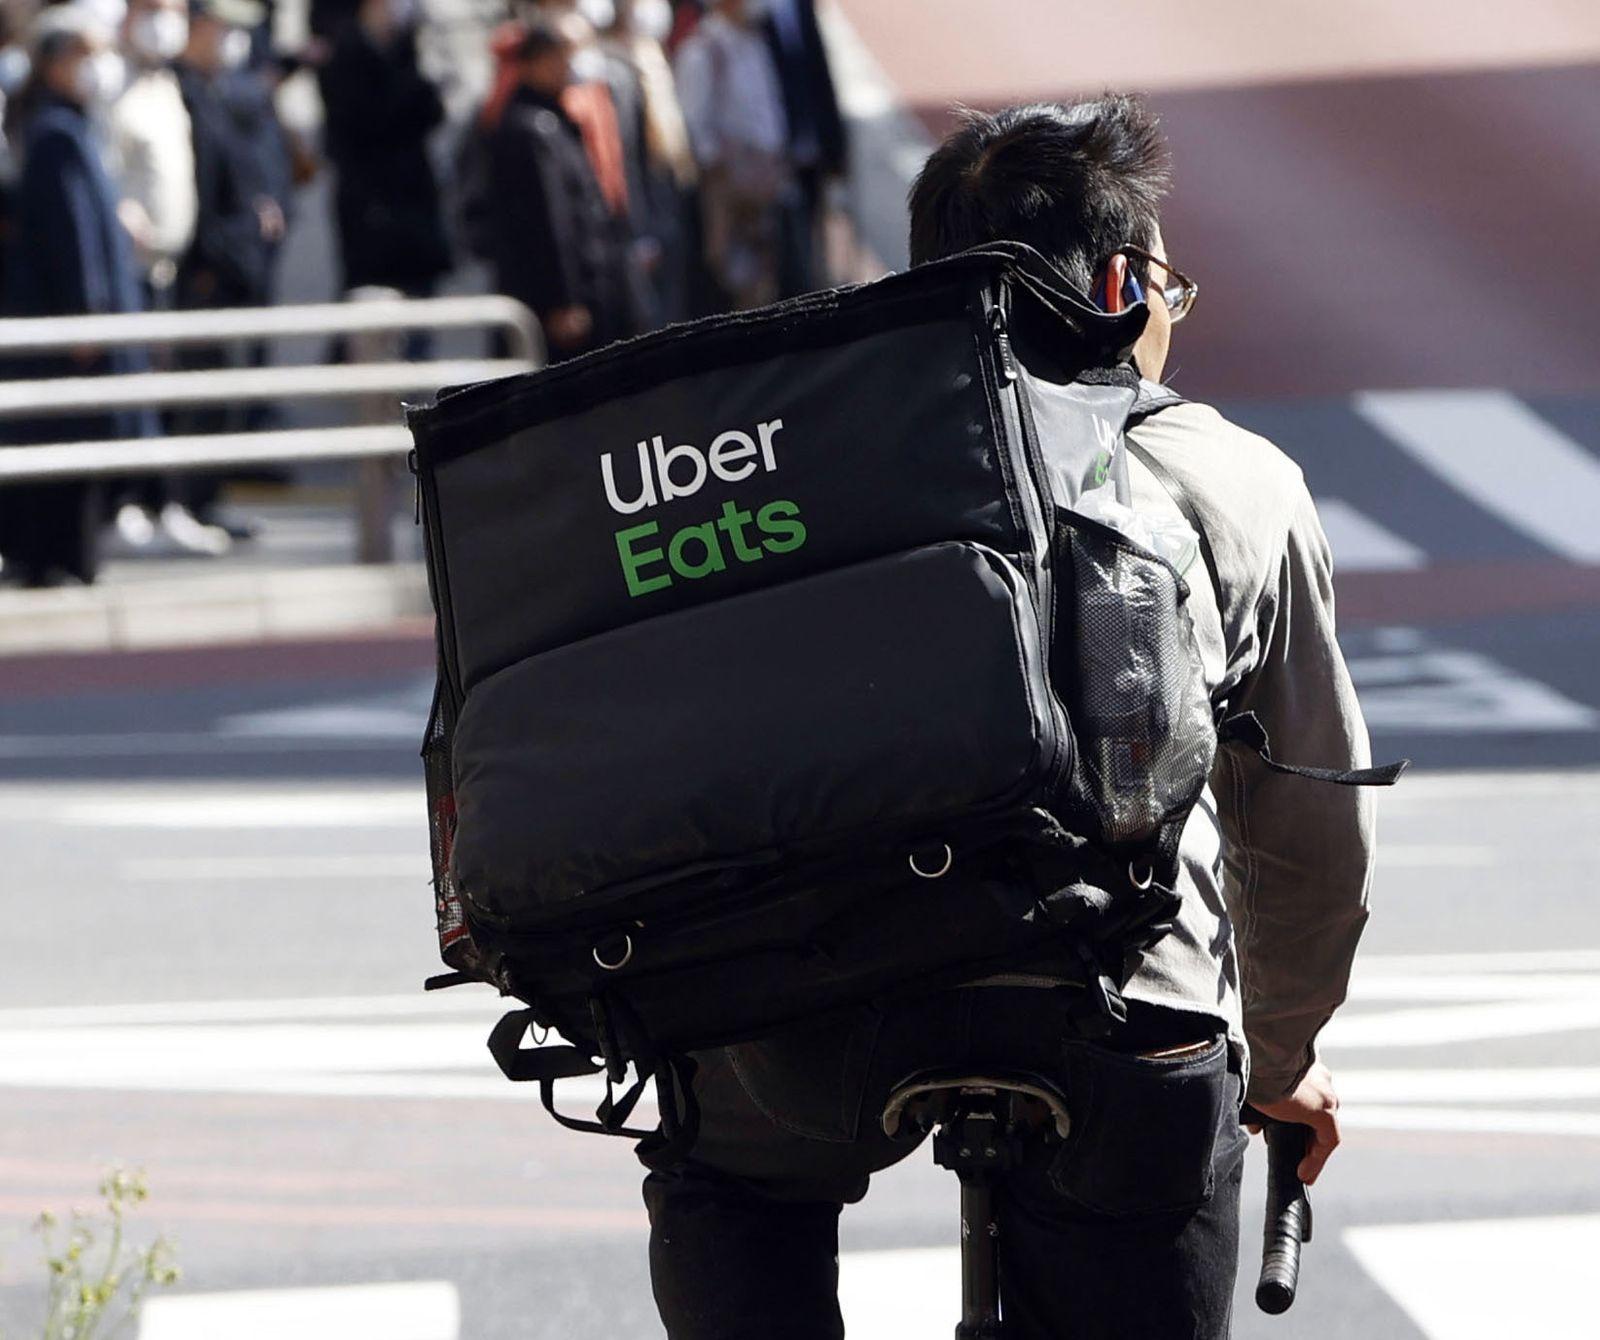 Essenslieferdienst Uber Eats